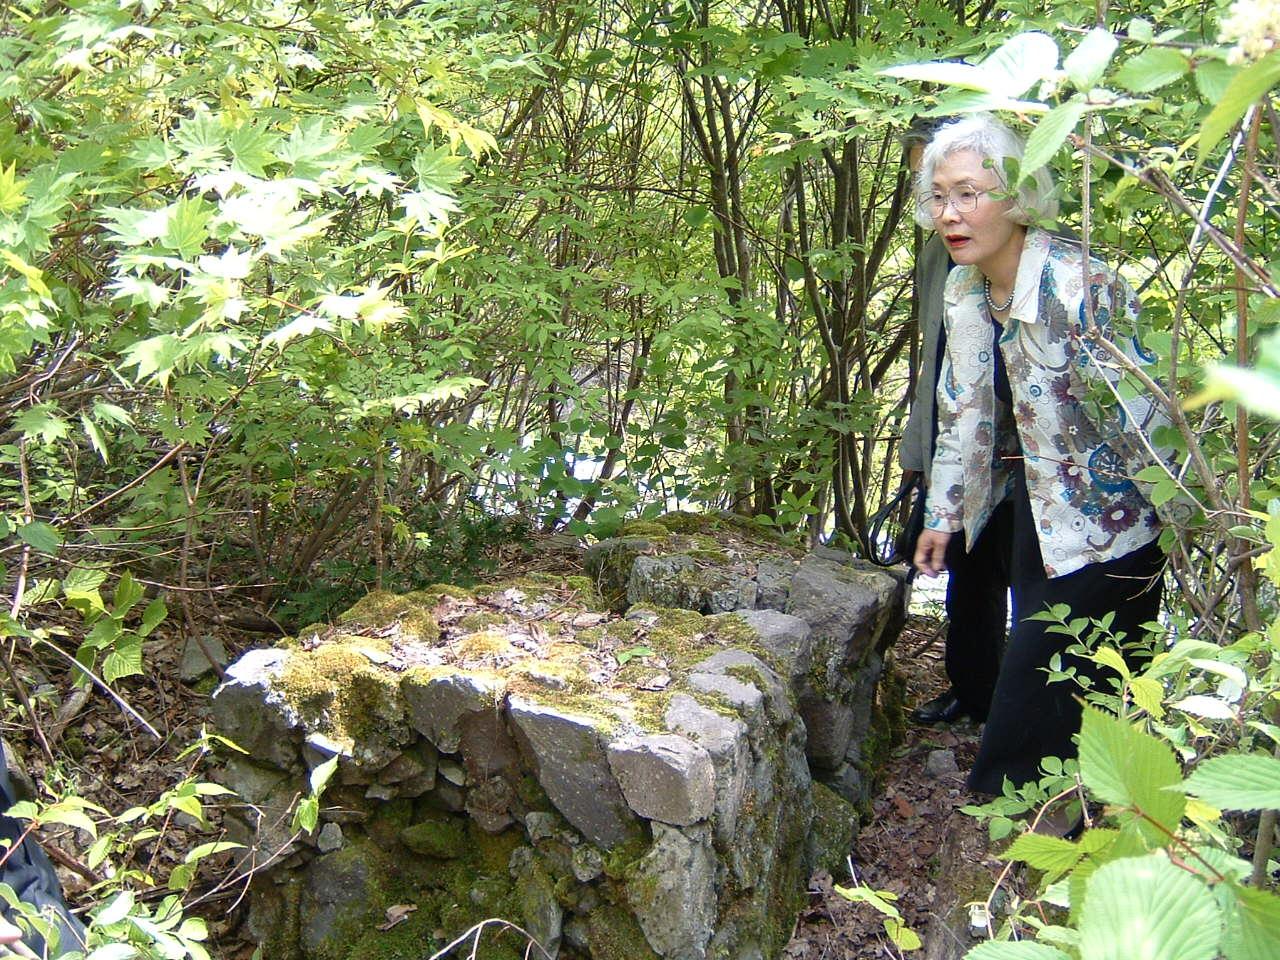 鳥取県大山寺周辺の植物   by (岡田)_c0239329_1493060.jpg